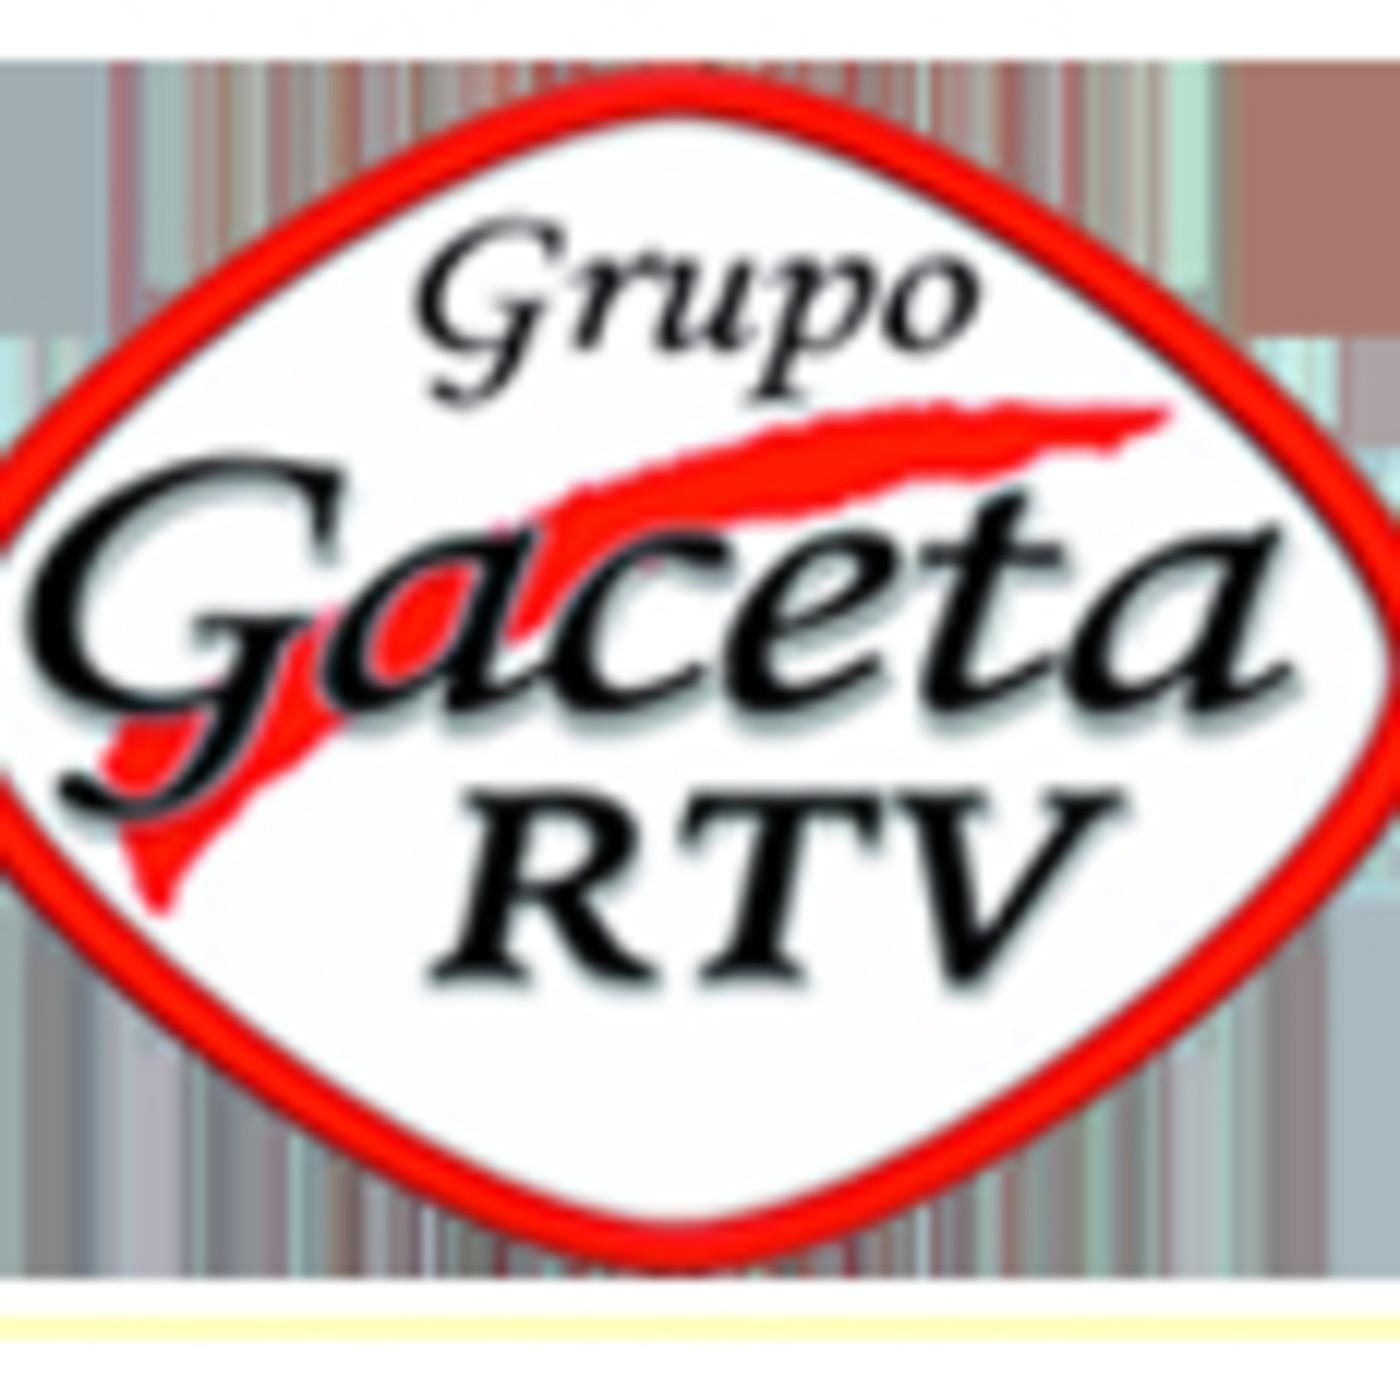 GacetaRadioTv